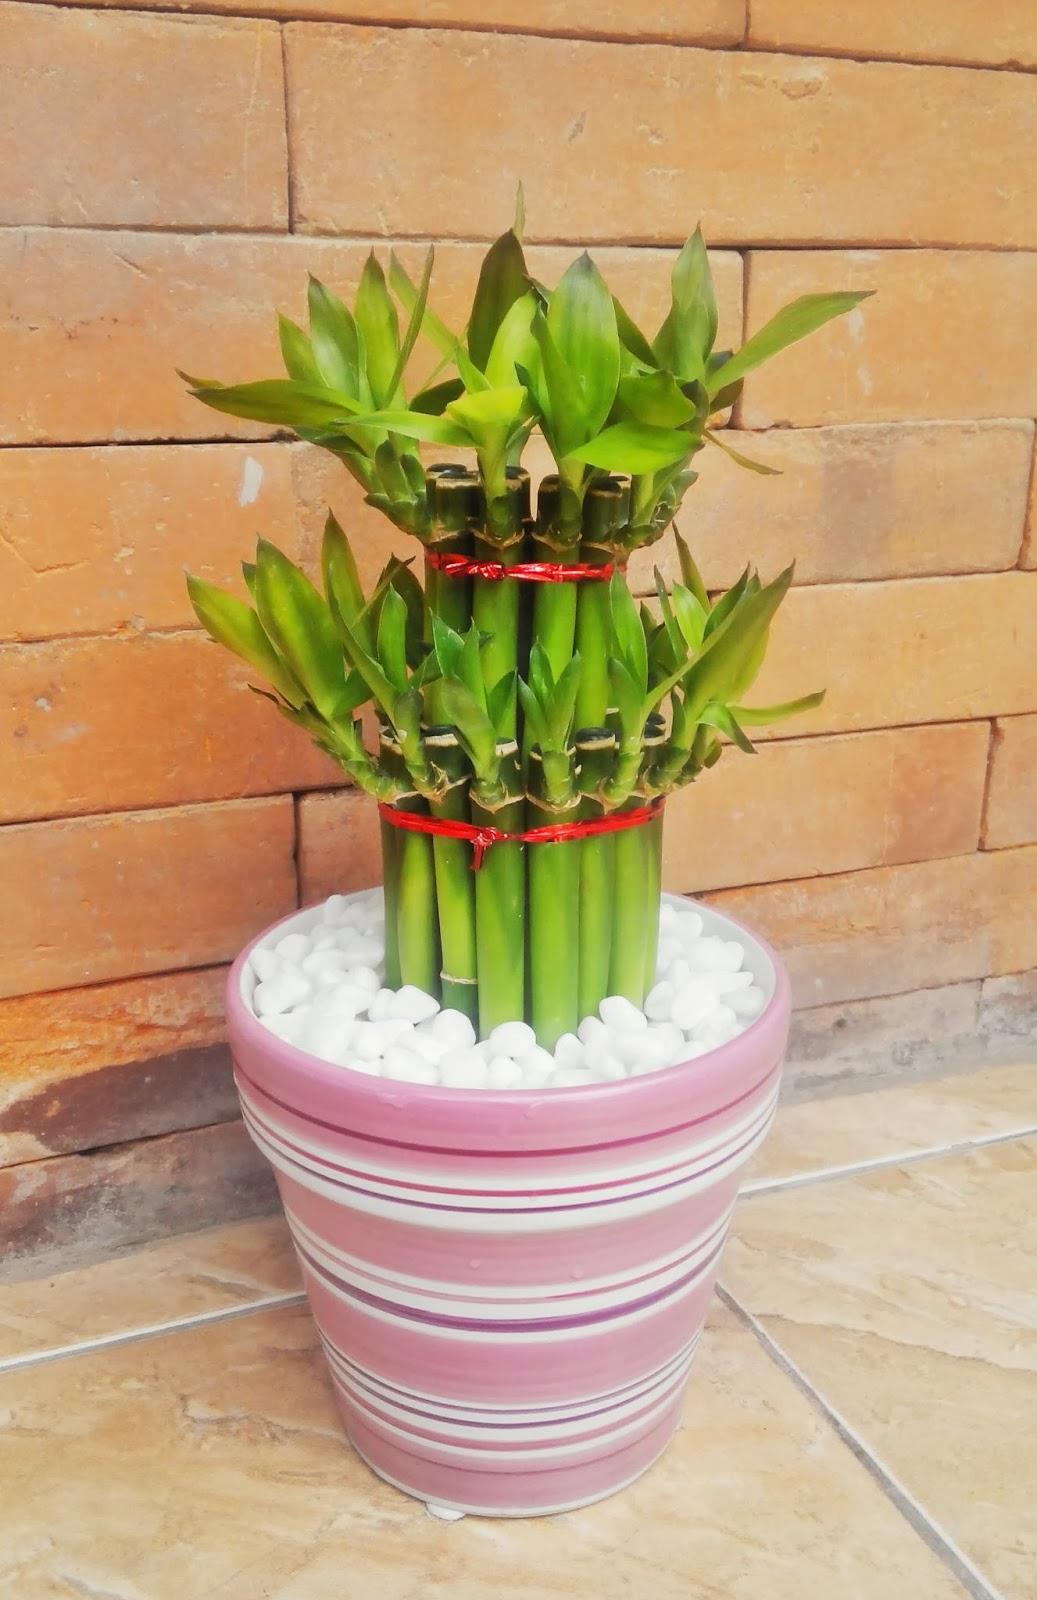 Bambu Rejeki Stairs Of Prosperity Kebun Bibit Buah